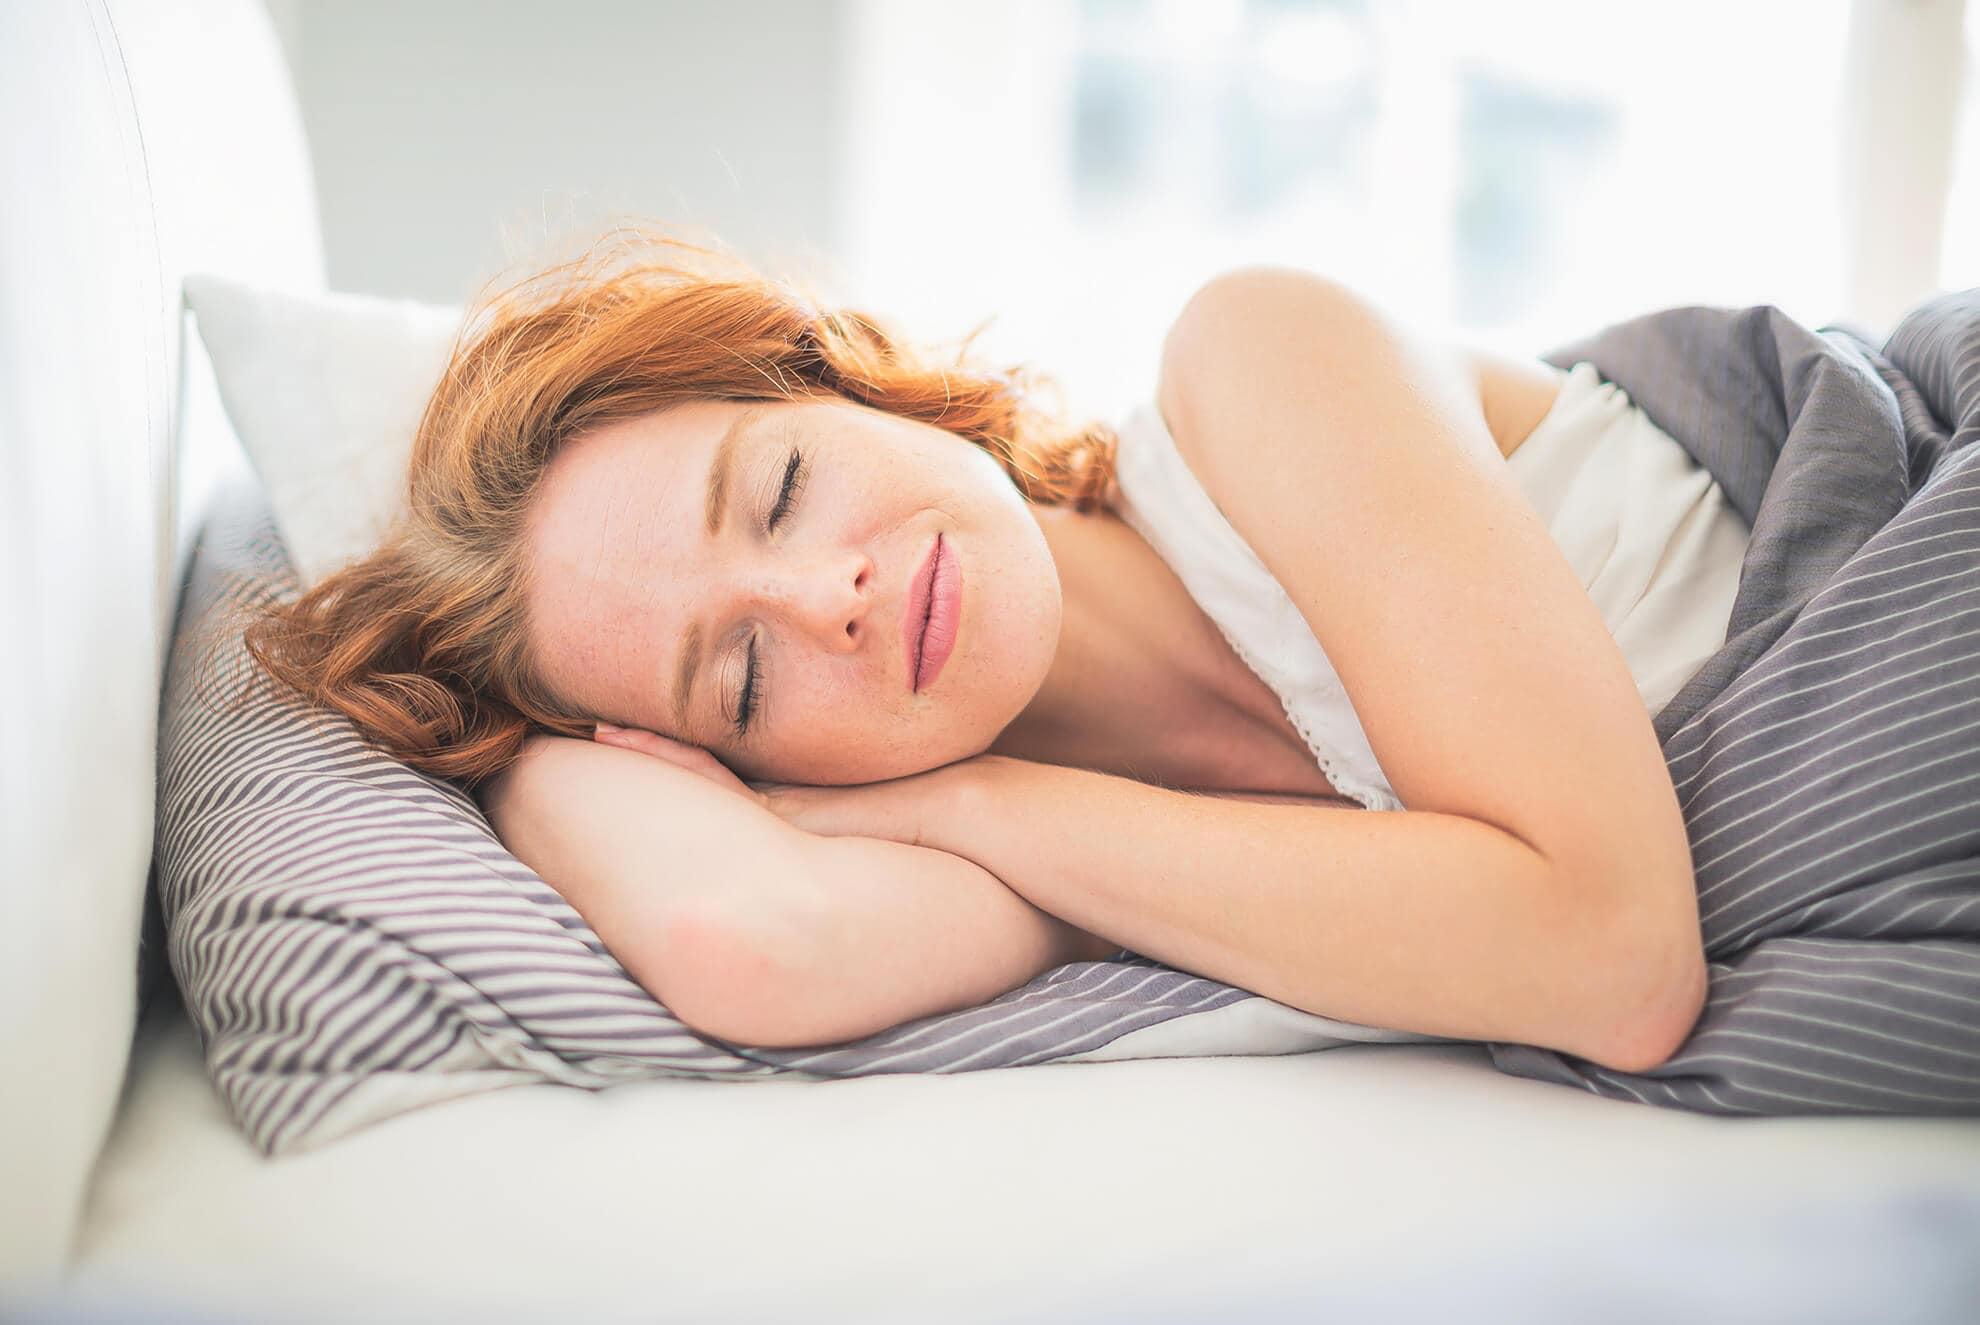 Gut unterfedert schläft sich besser